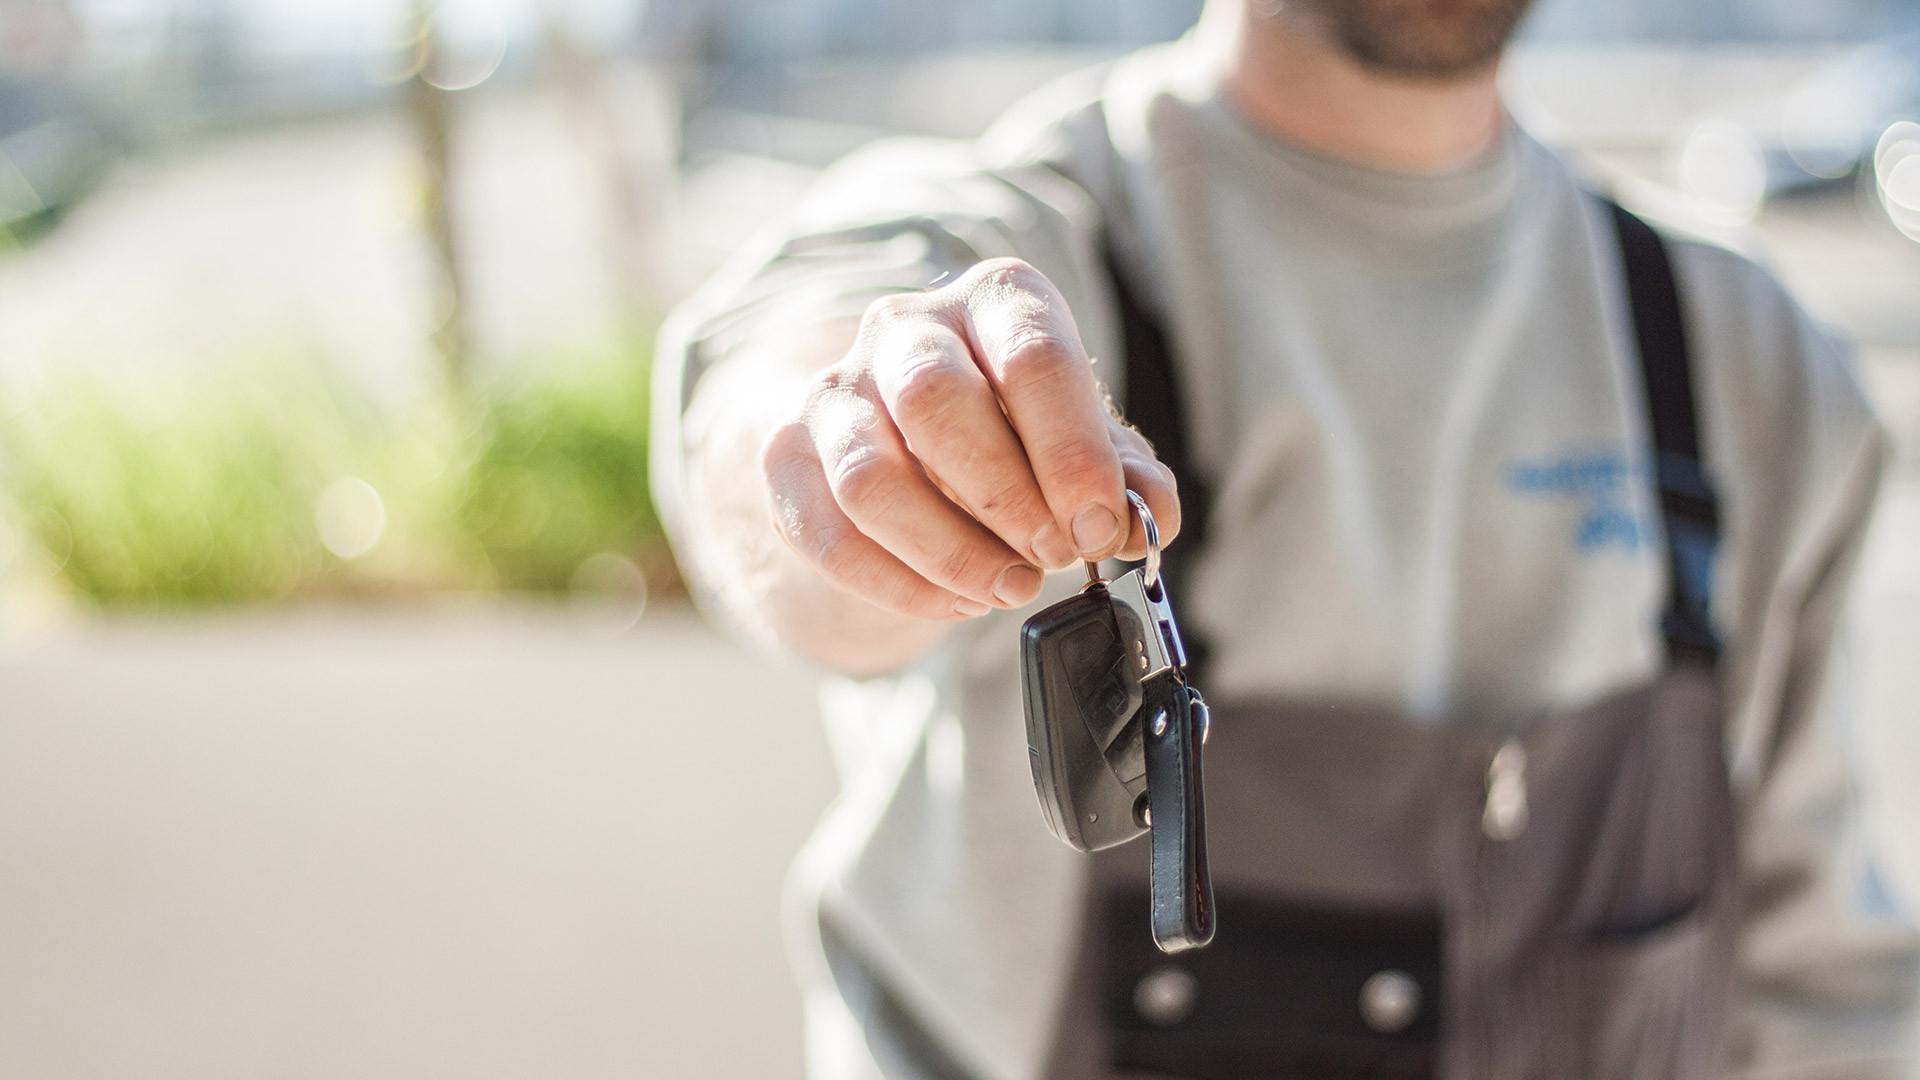 Автомошенники при продаже автомобиля